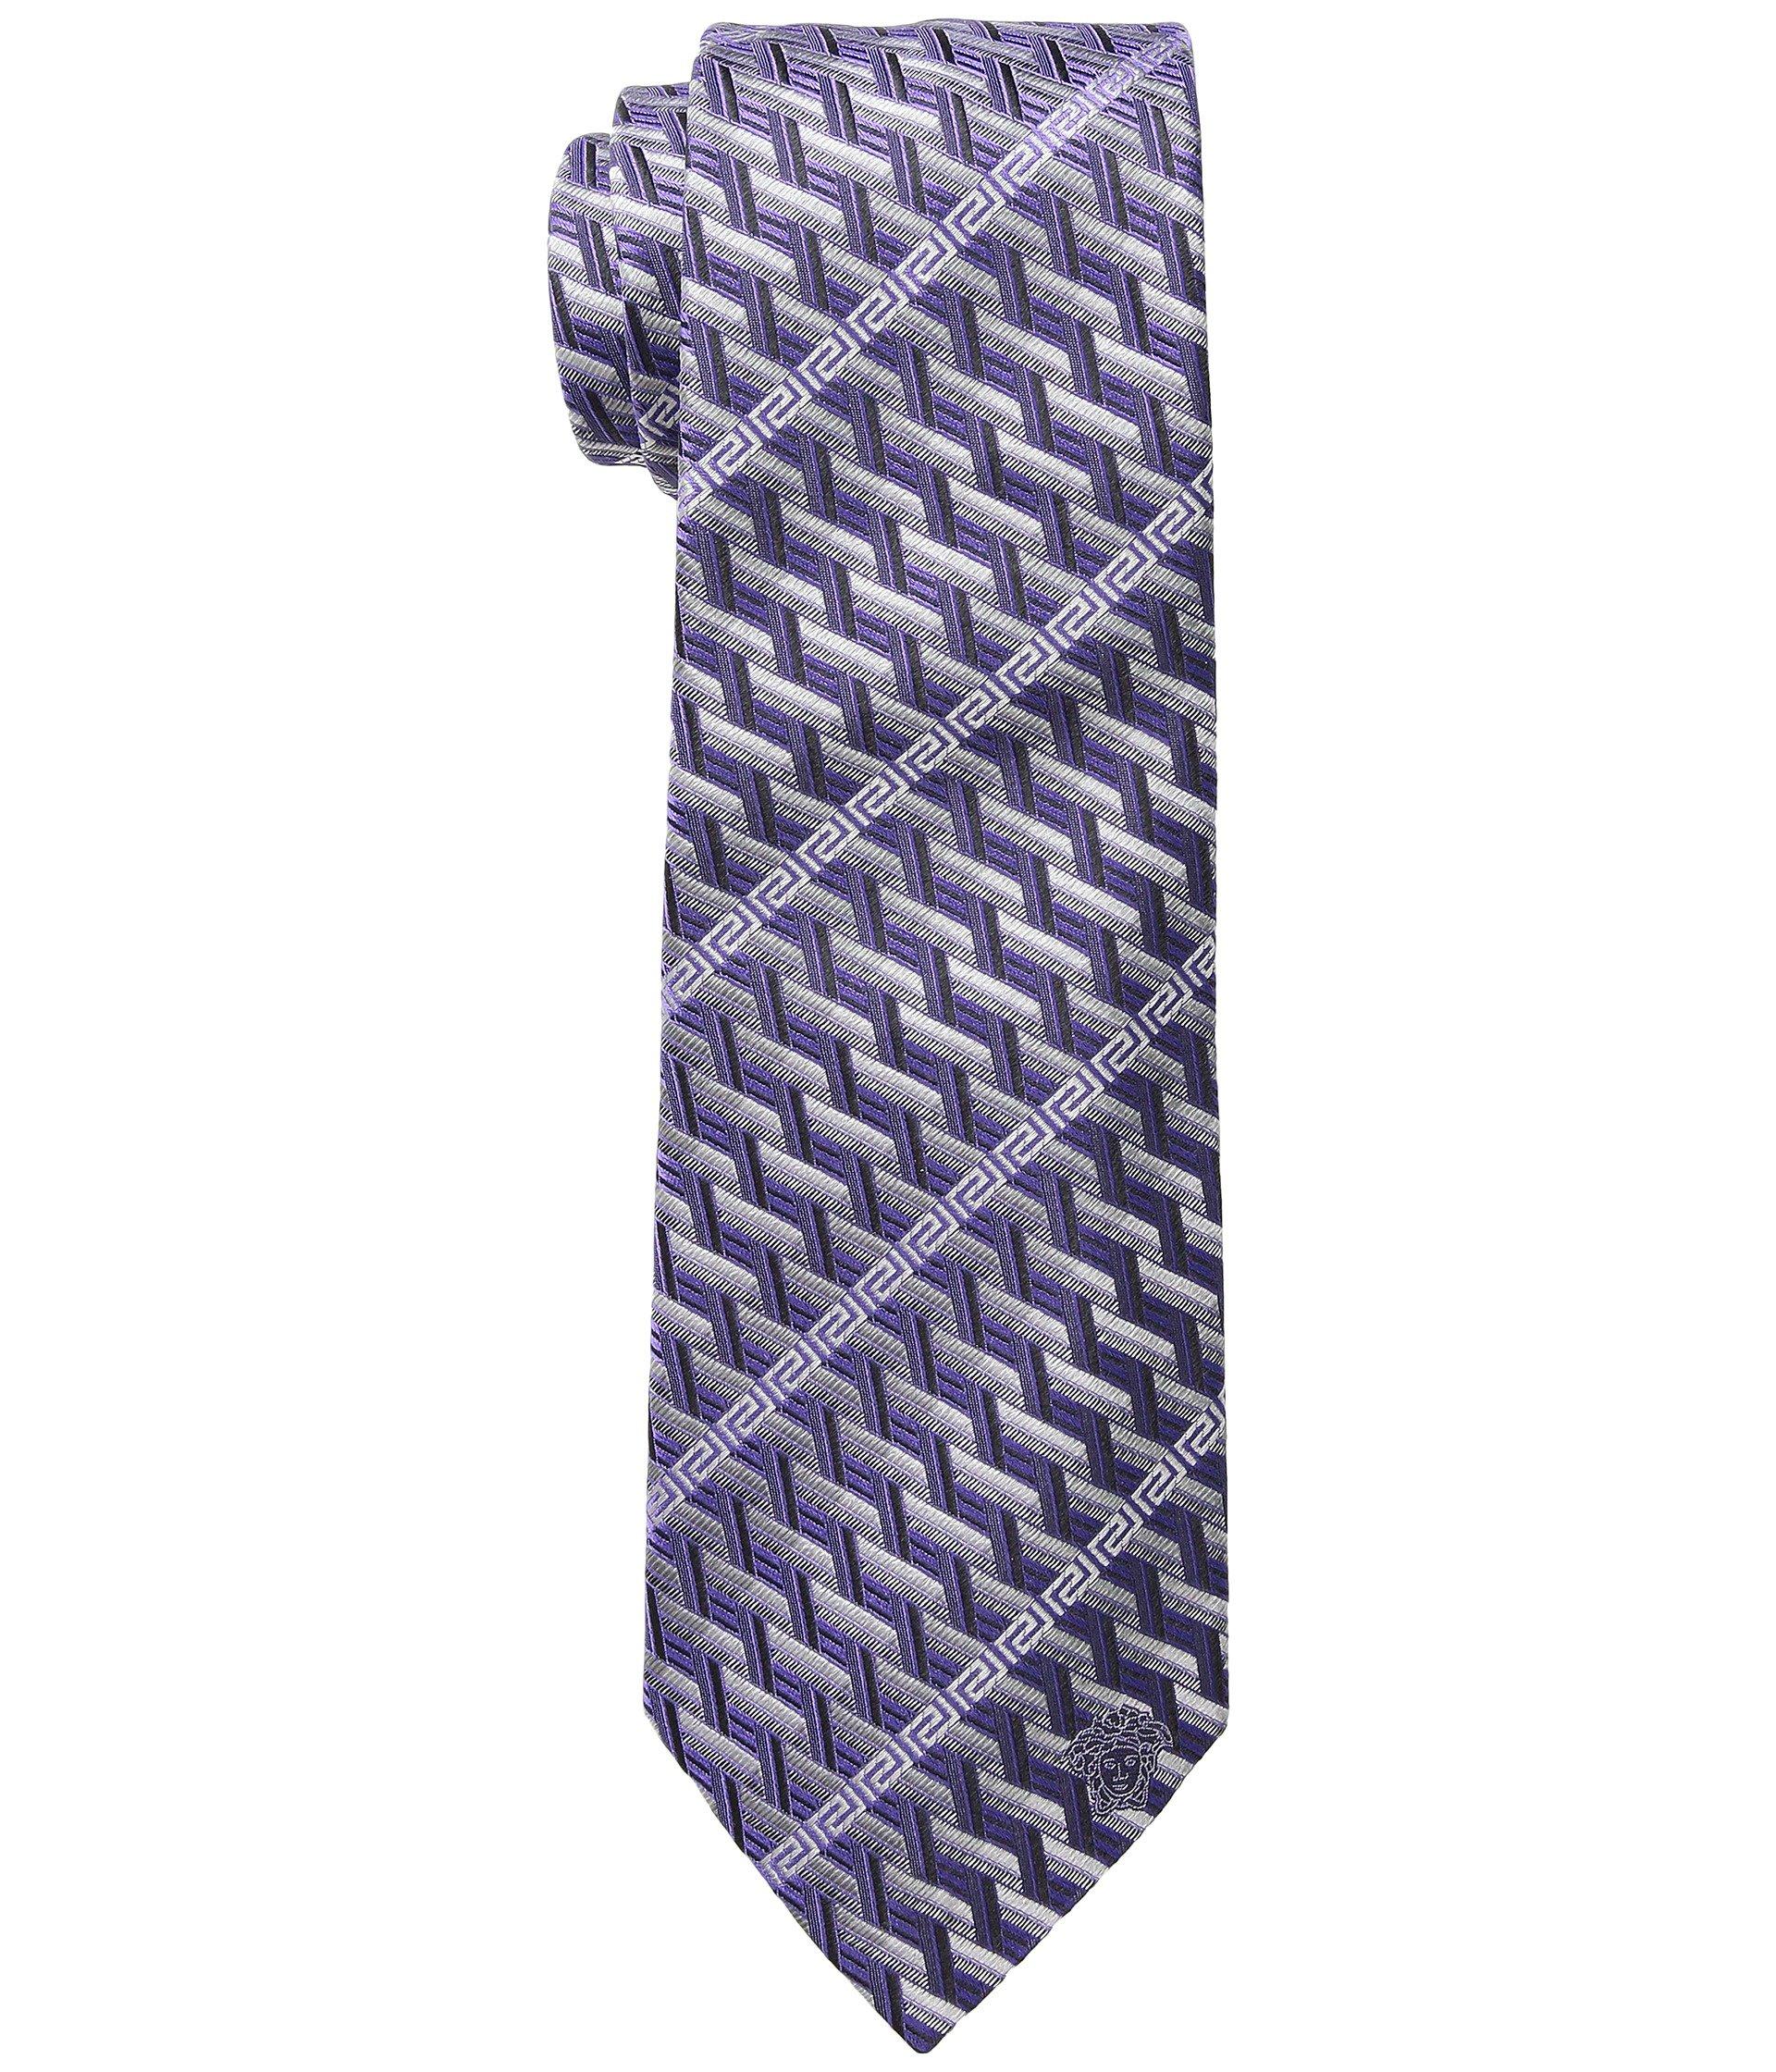 Corbata para Hombre Versace Greca Stripe Tie  + Versace en VeoyCompro.net